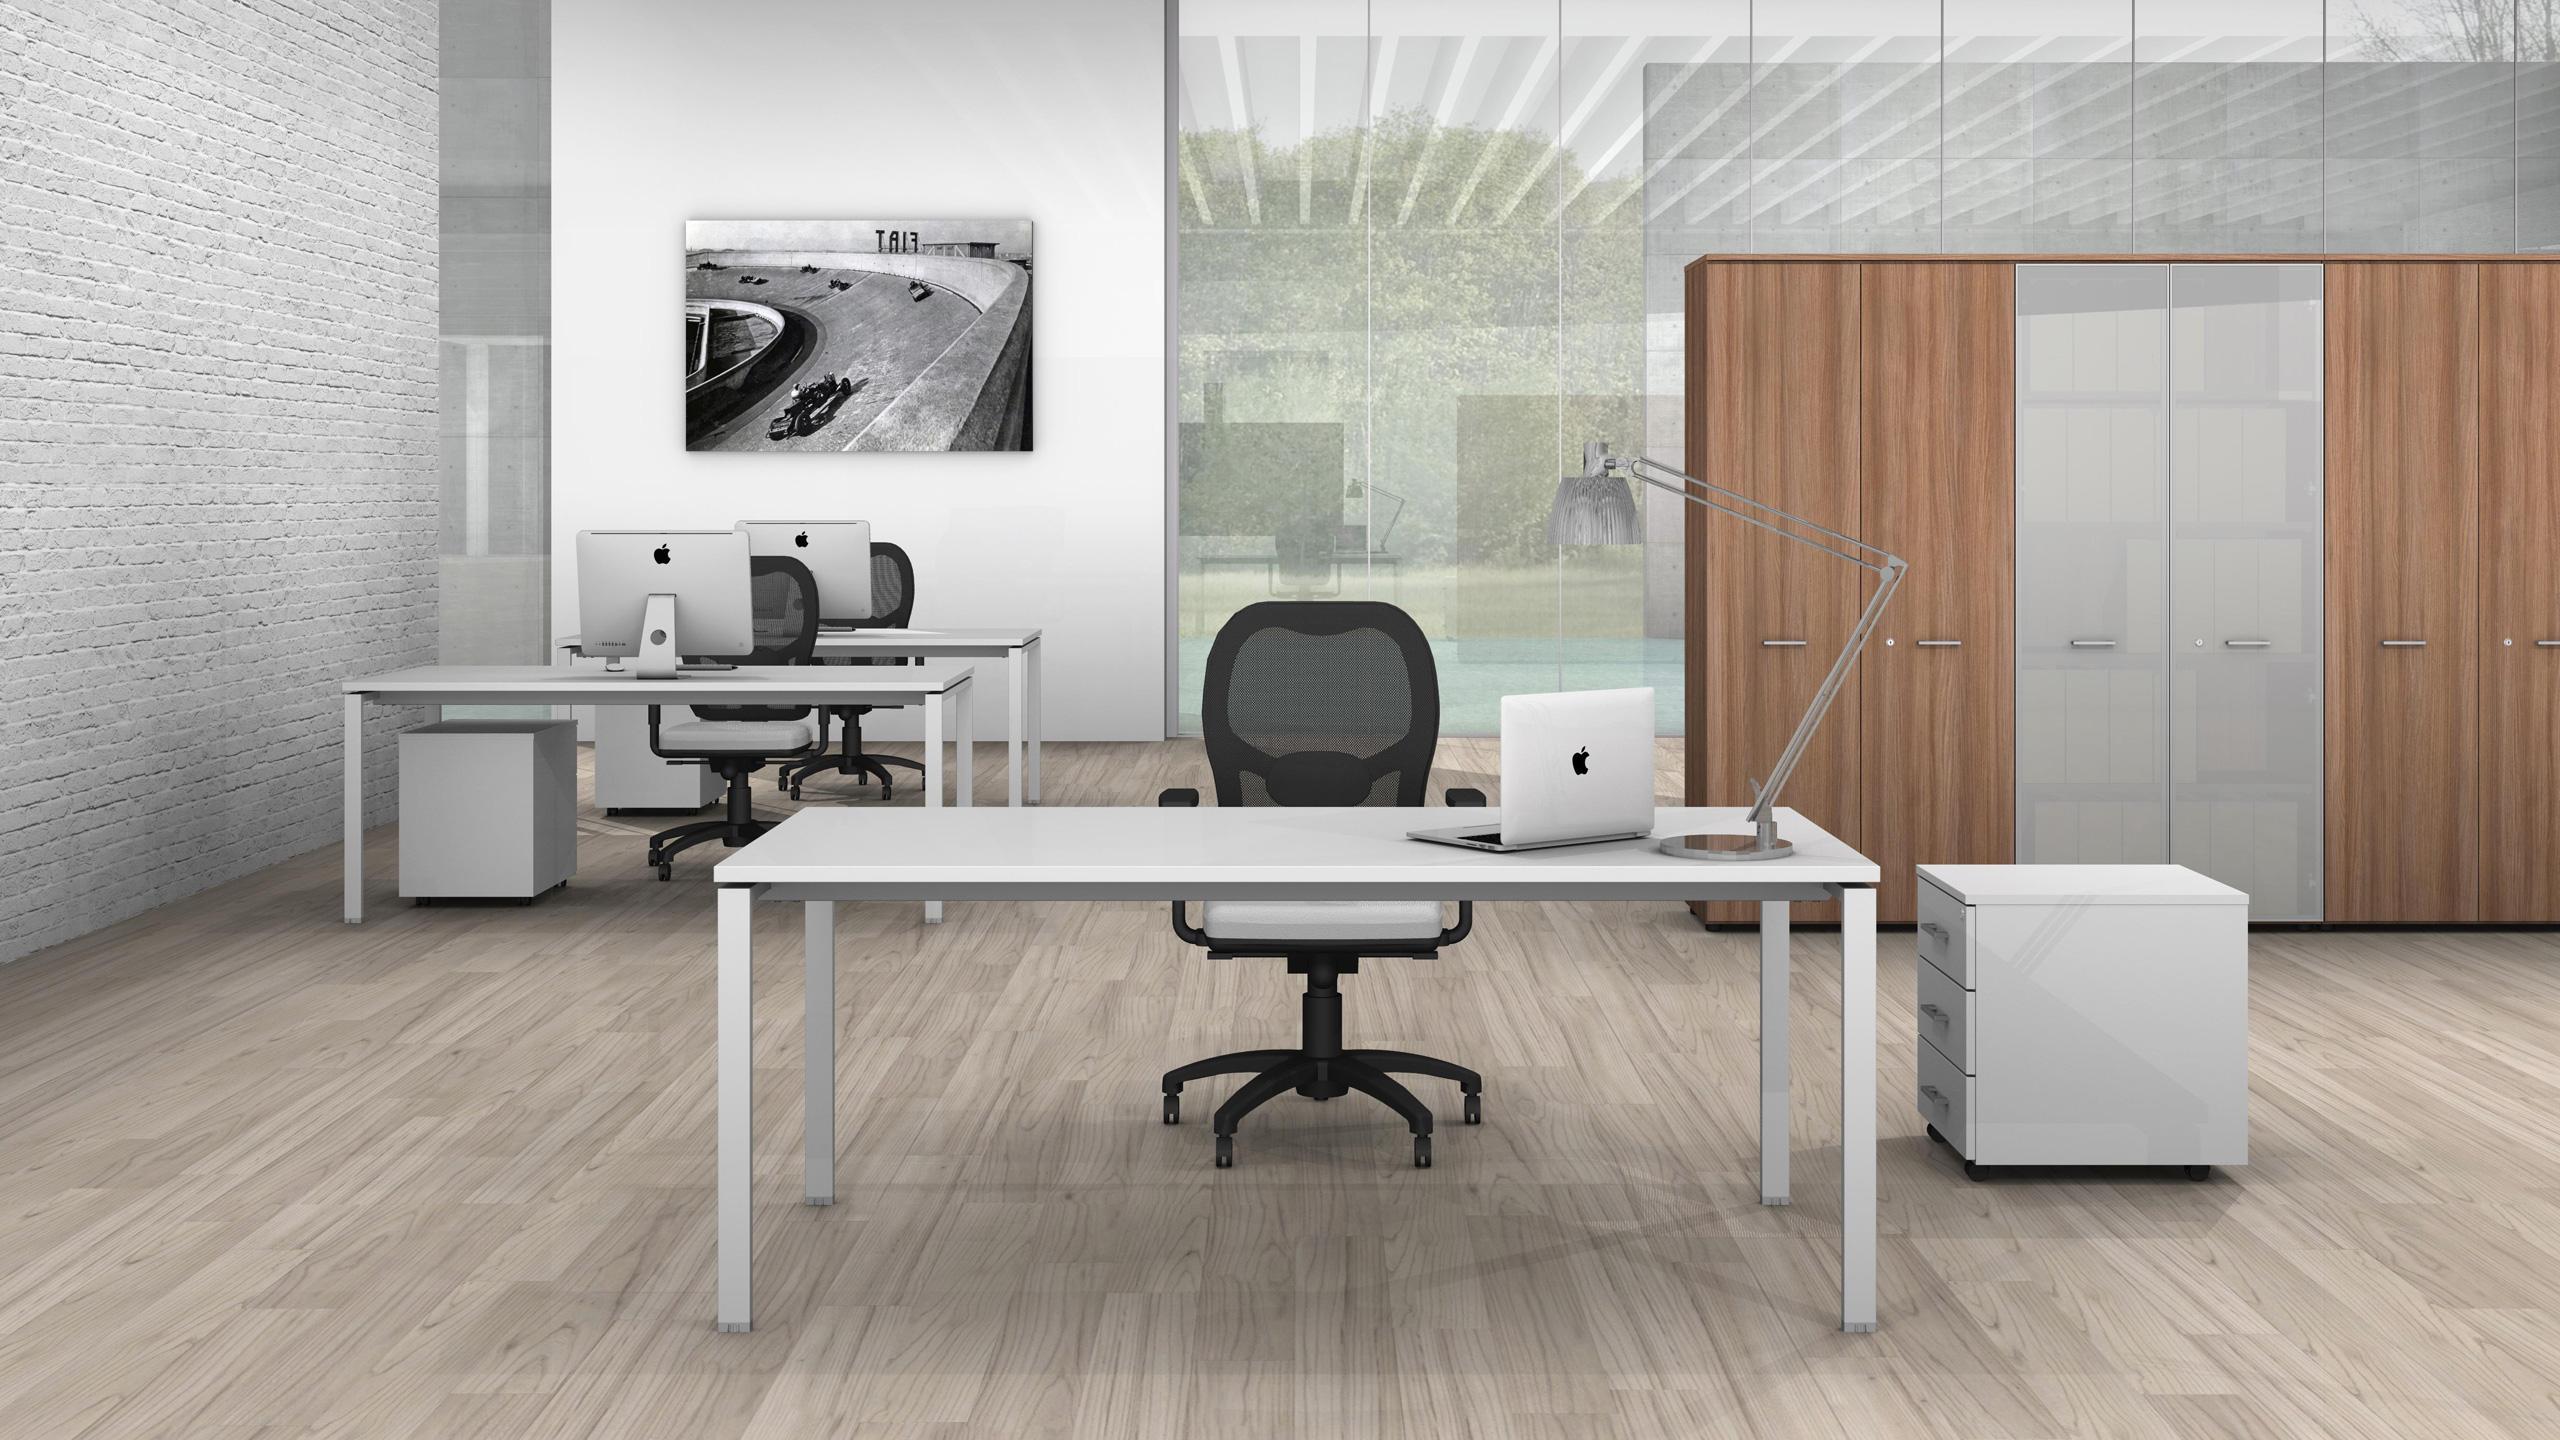 Mobili per ufficio viterbo fumu for Produzione mobili ufficio